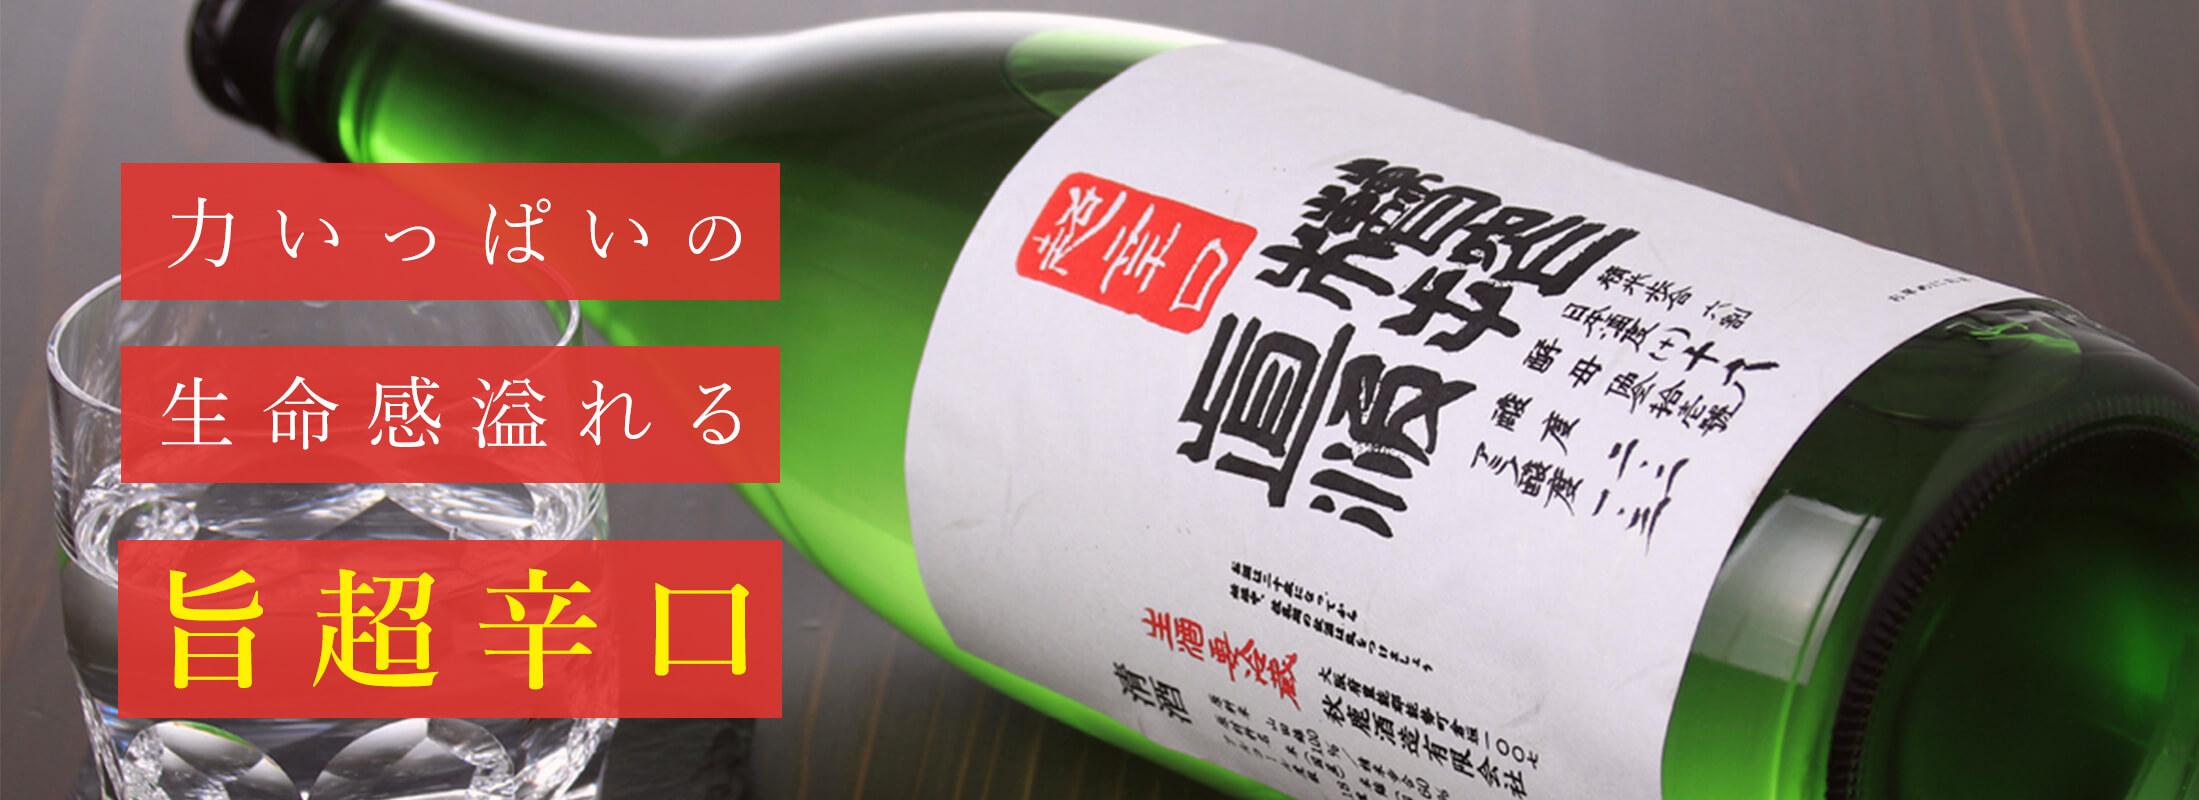 秋鹿 純米吟醸 超辛口 槽搾直汲